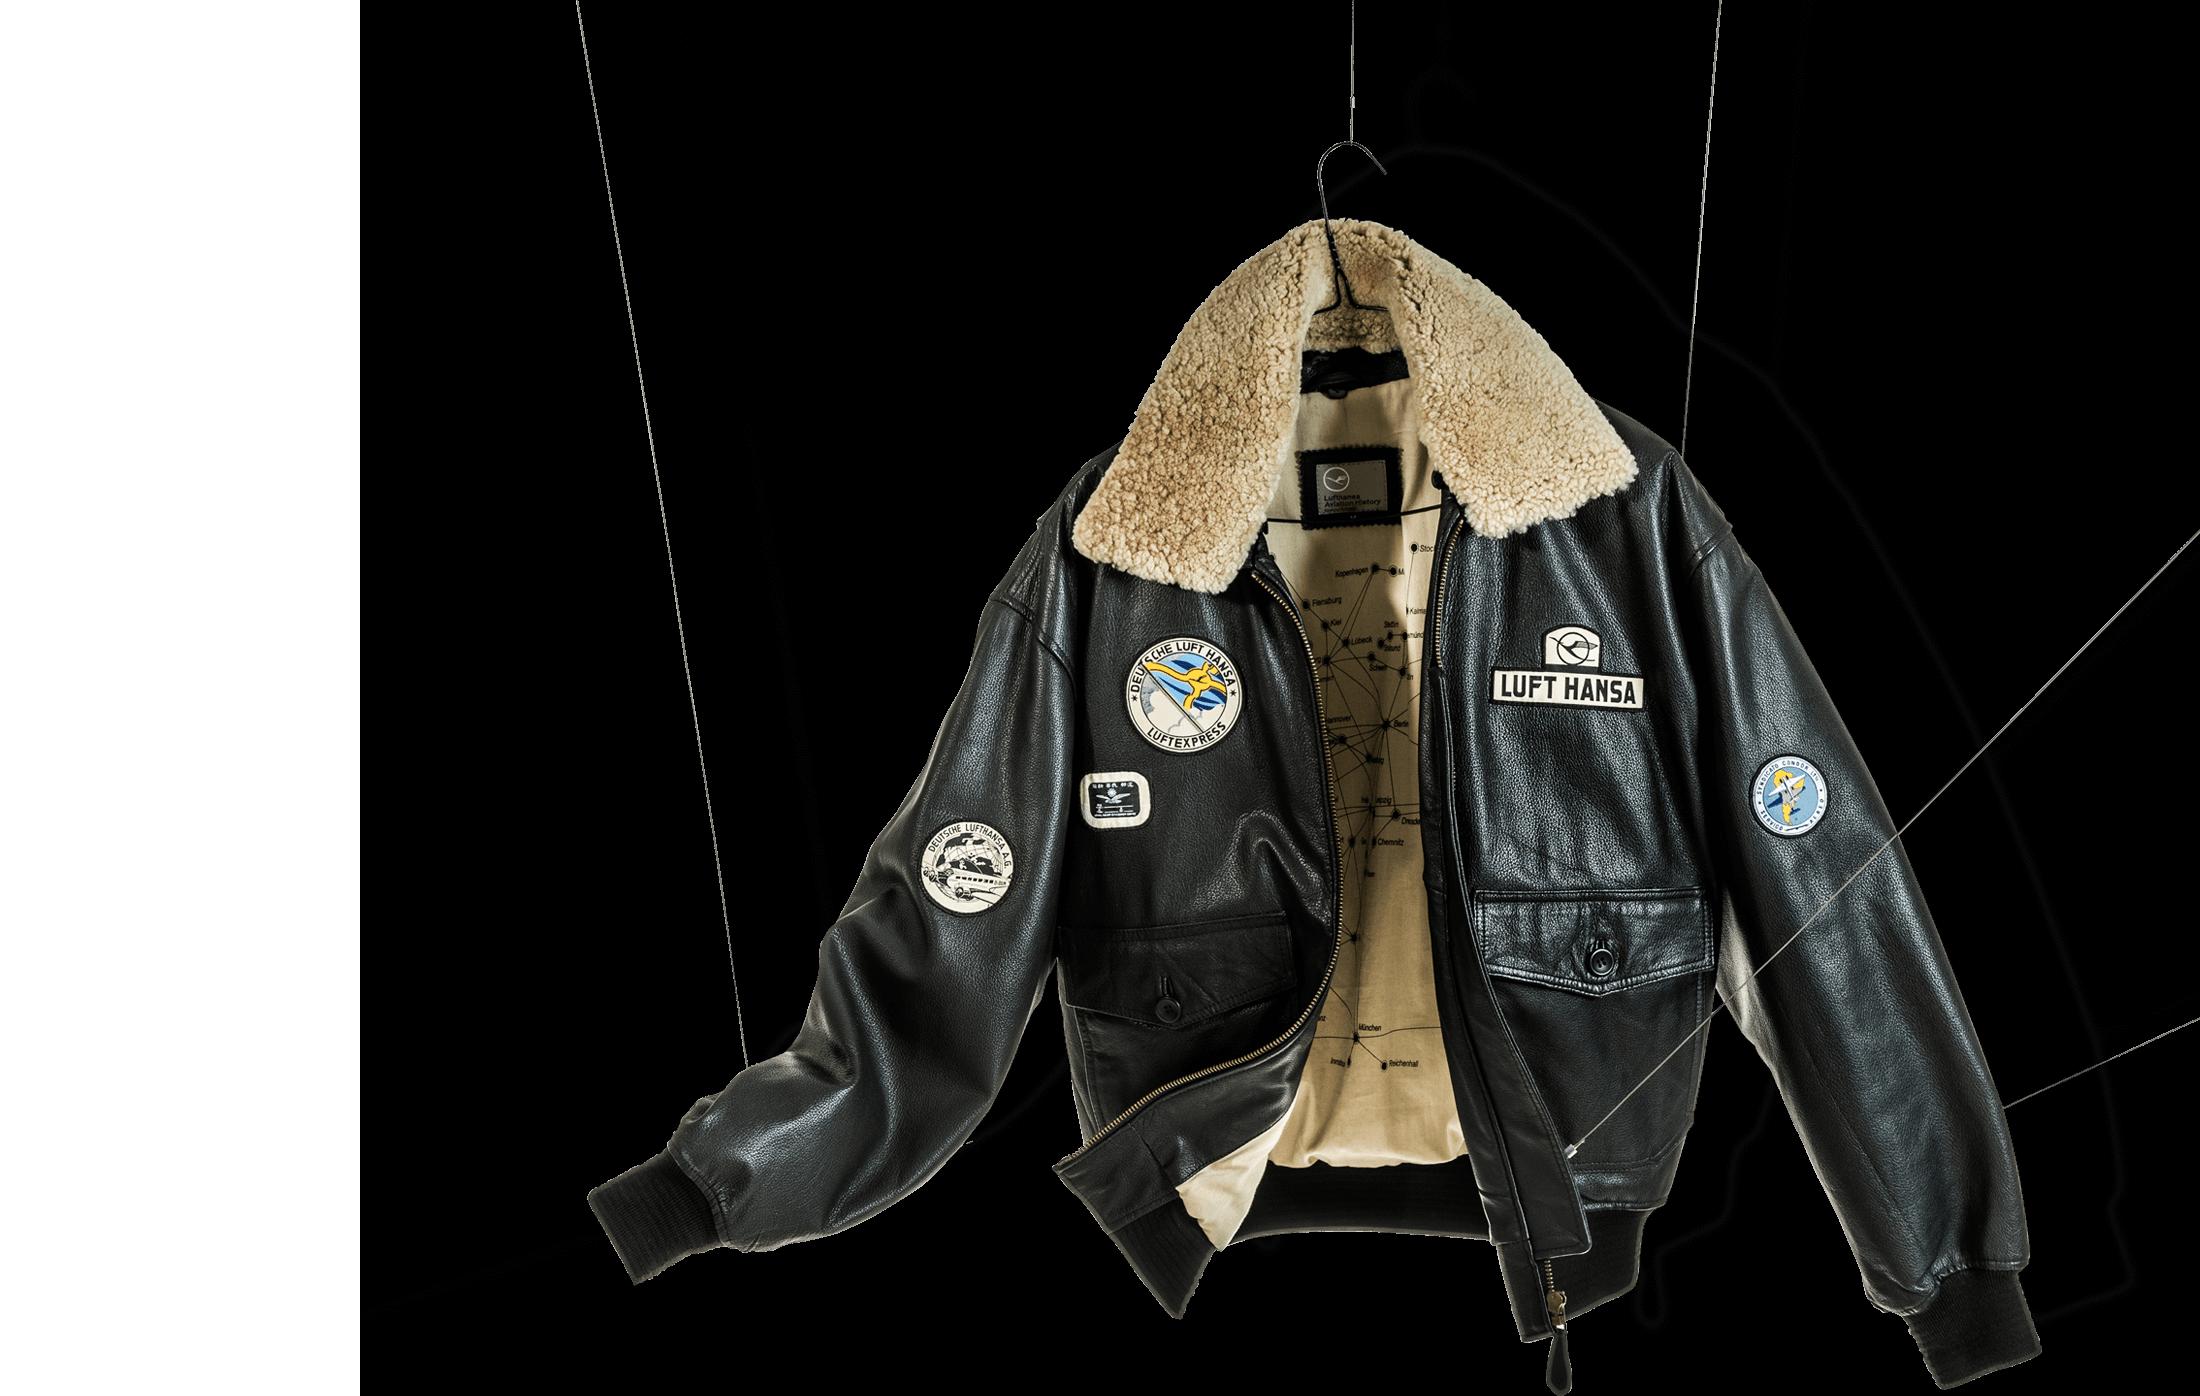 Lufthansa Lederjacke mit Badges aufgehängt an Stahlfäden als Beispiel für Corporate Fashion